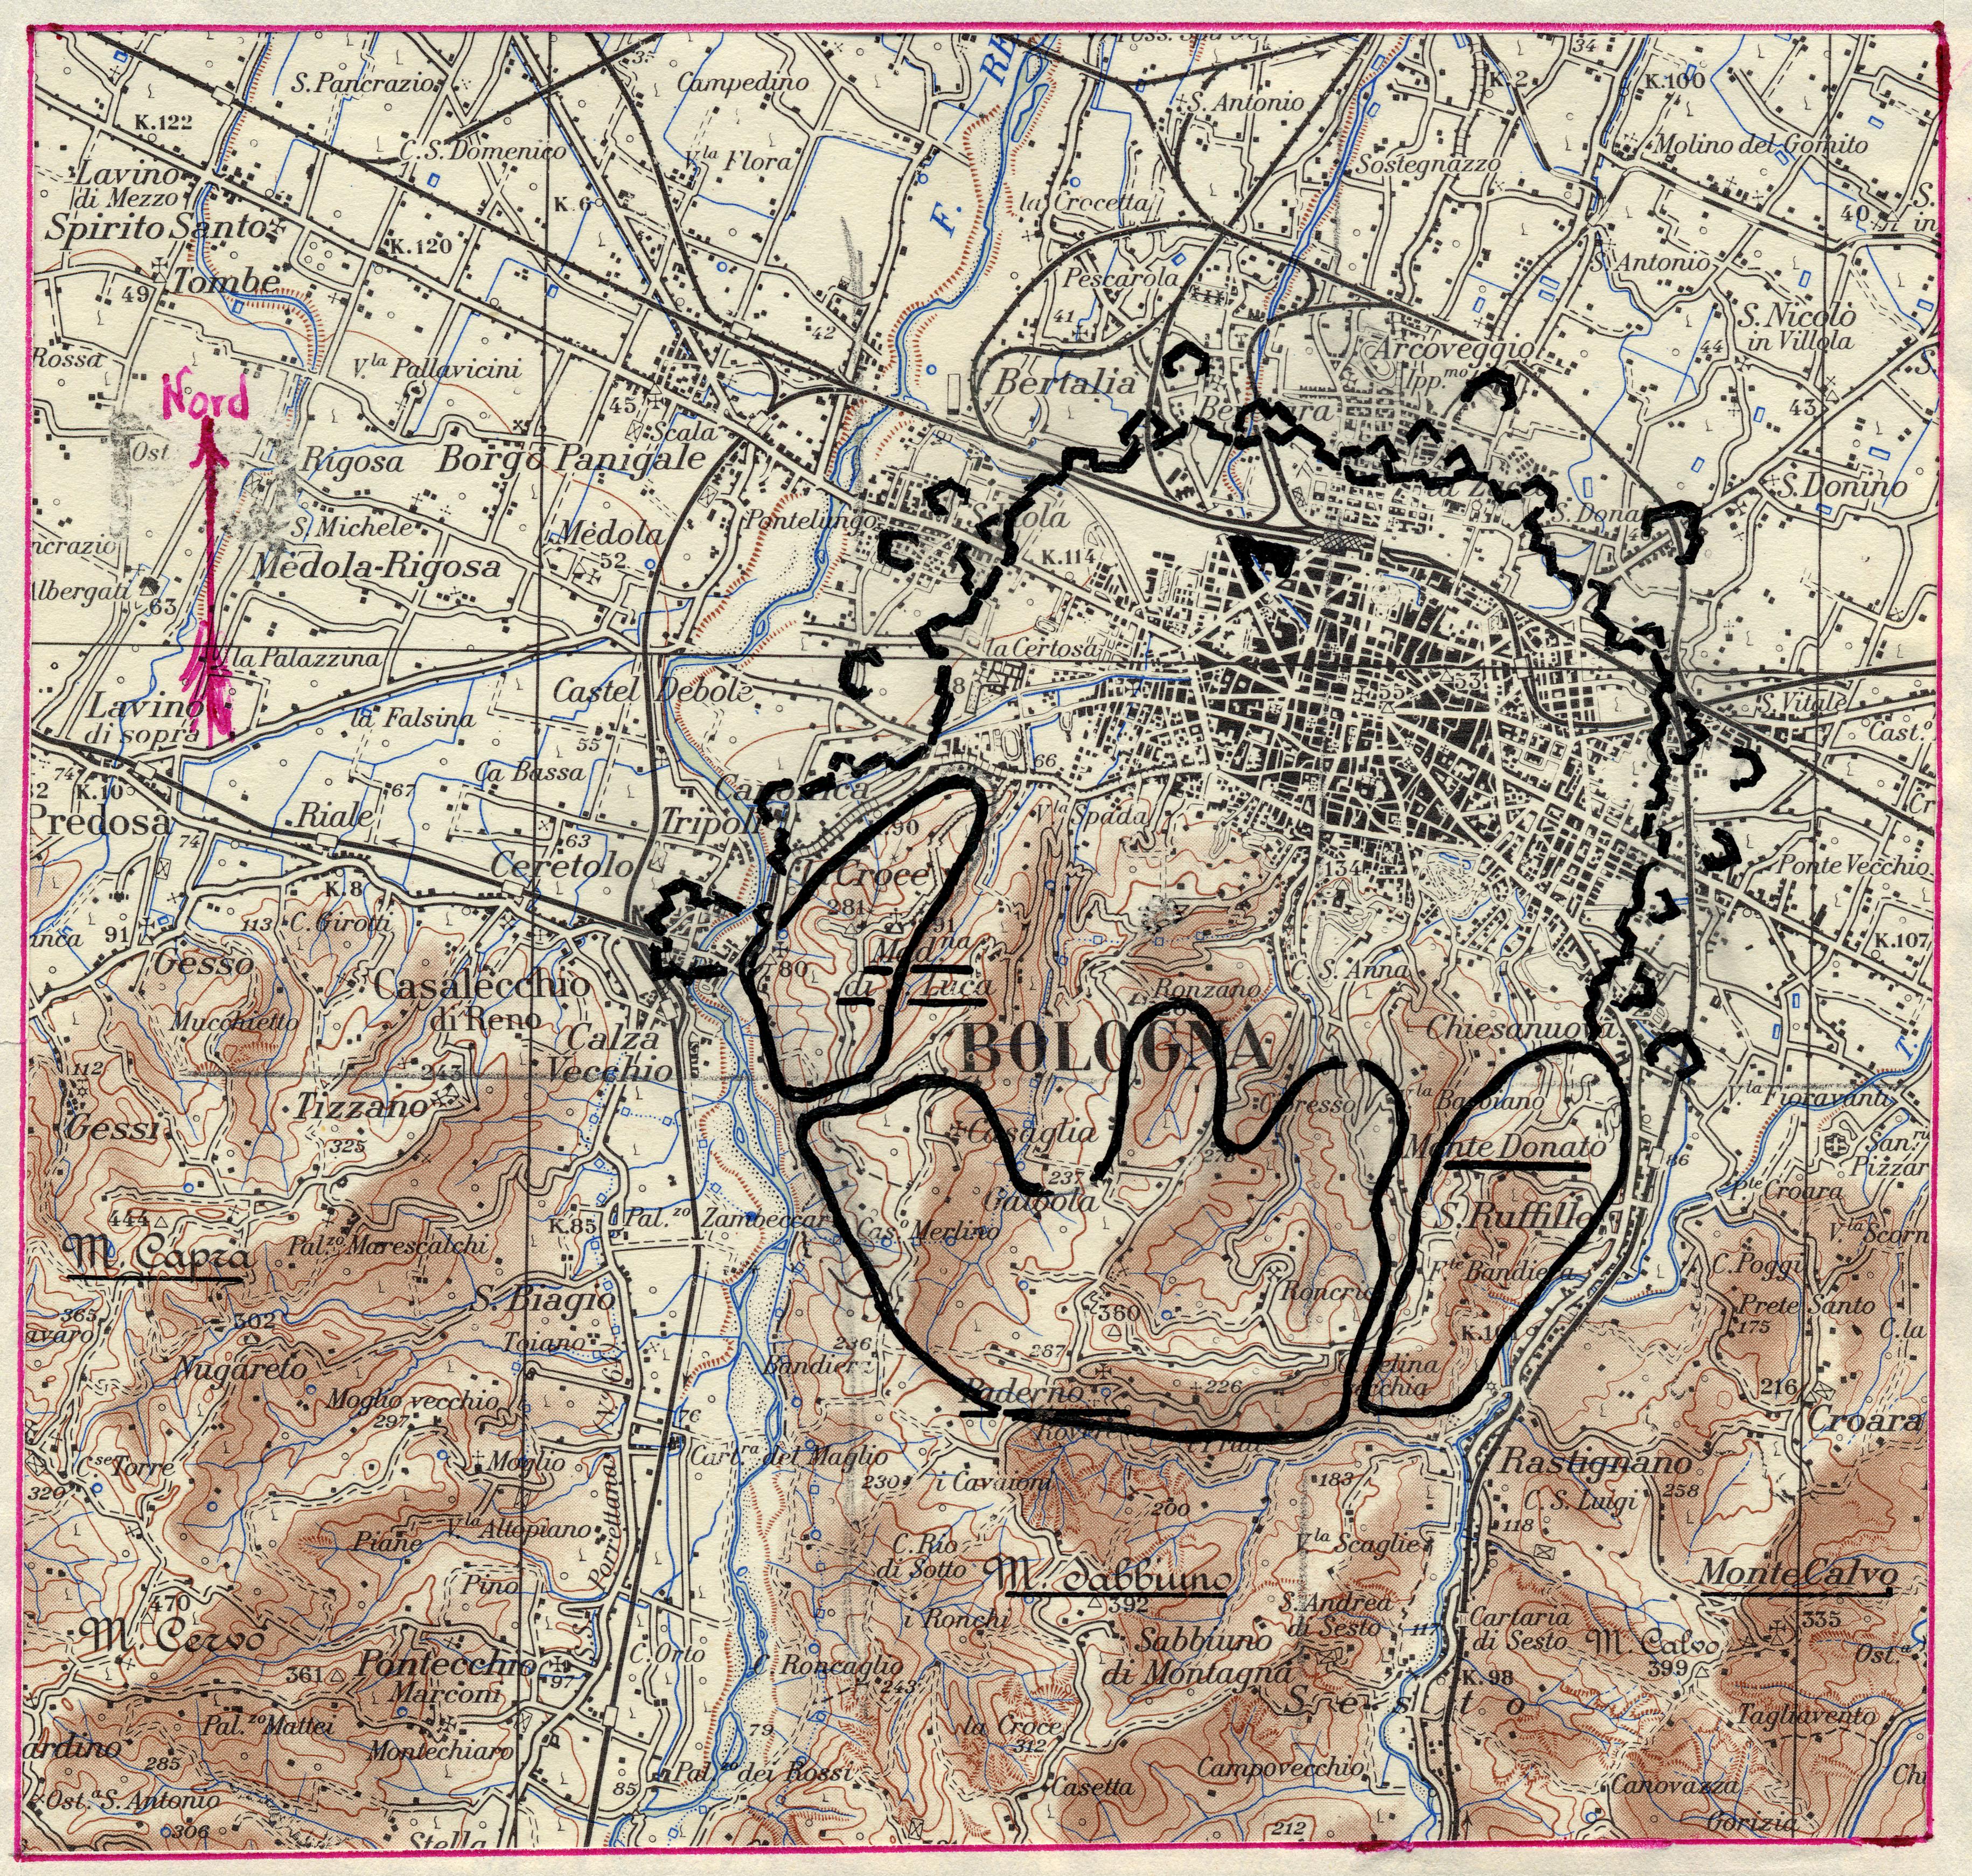 Il perimetro del Campo Trincerato a protezione di Bologna (in Fortificazioni militari : storia del campo trincerato a Bologna : 1860-1876)